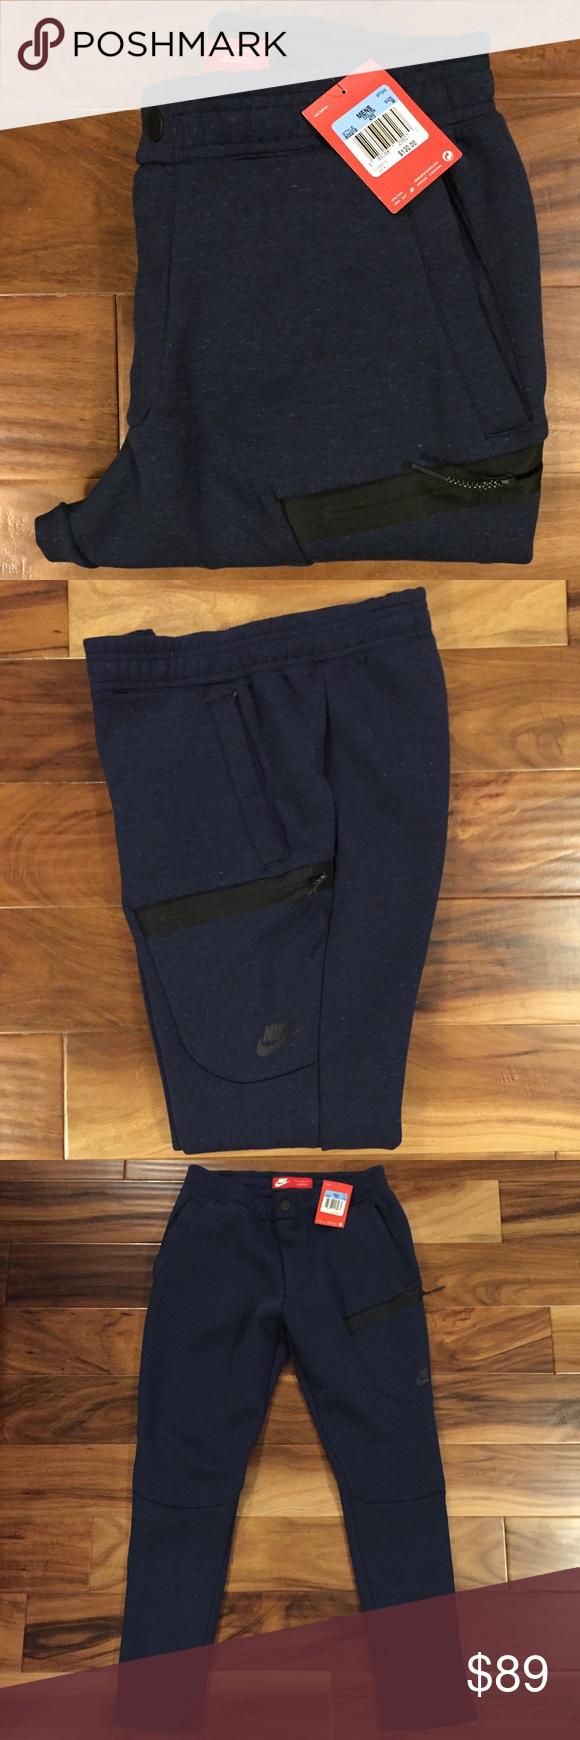 **SOLD** Nike Sportswear Tech Fleece Sweatpants Fleece